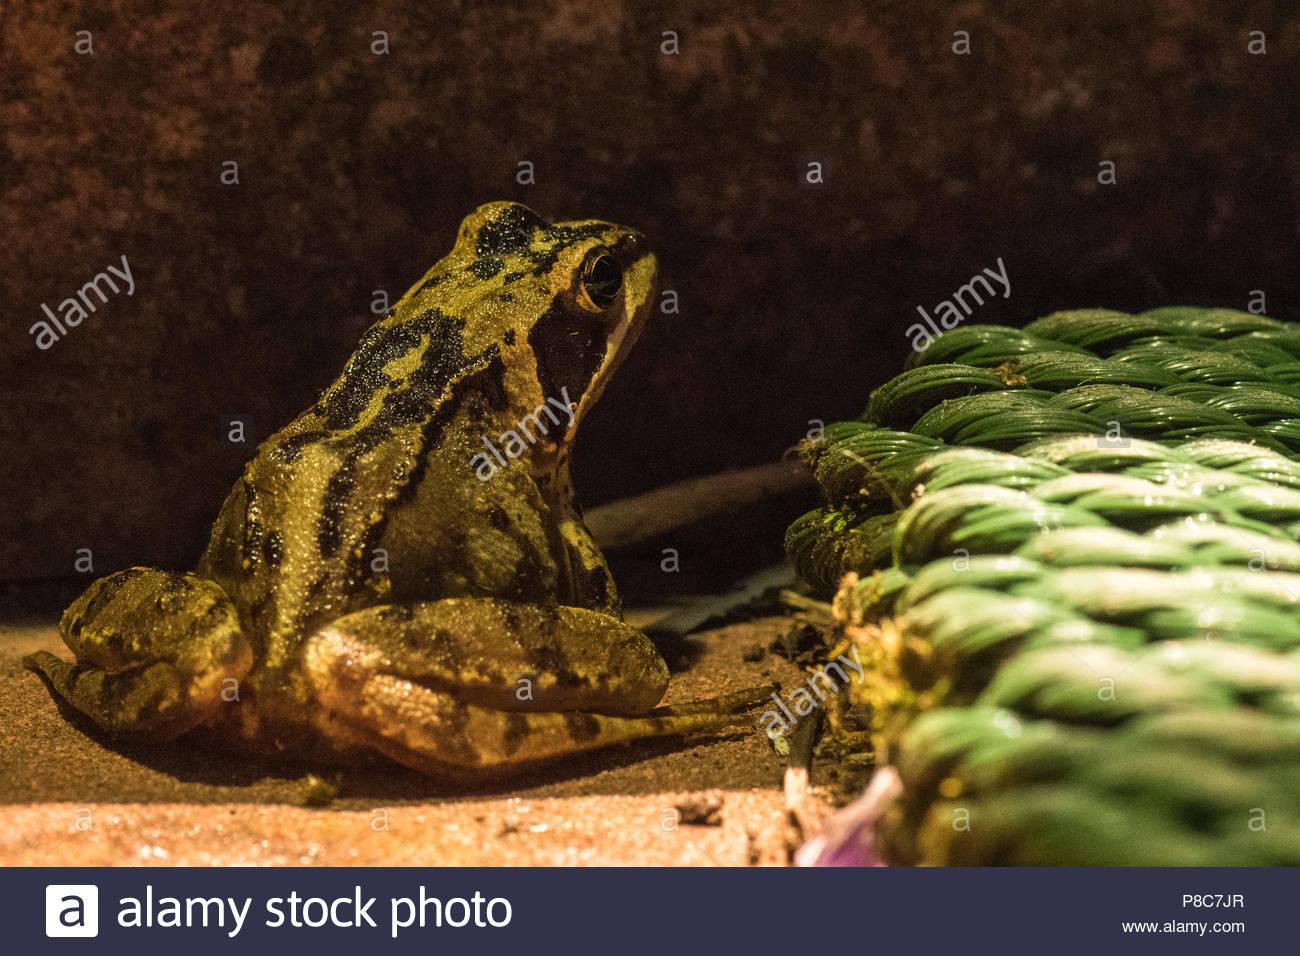 Giardino wildlife uk di notte - una rana comune (Rana temporaria' seduto fuori casa durante la notte Immagini Stock